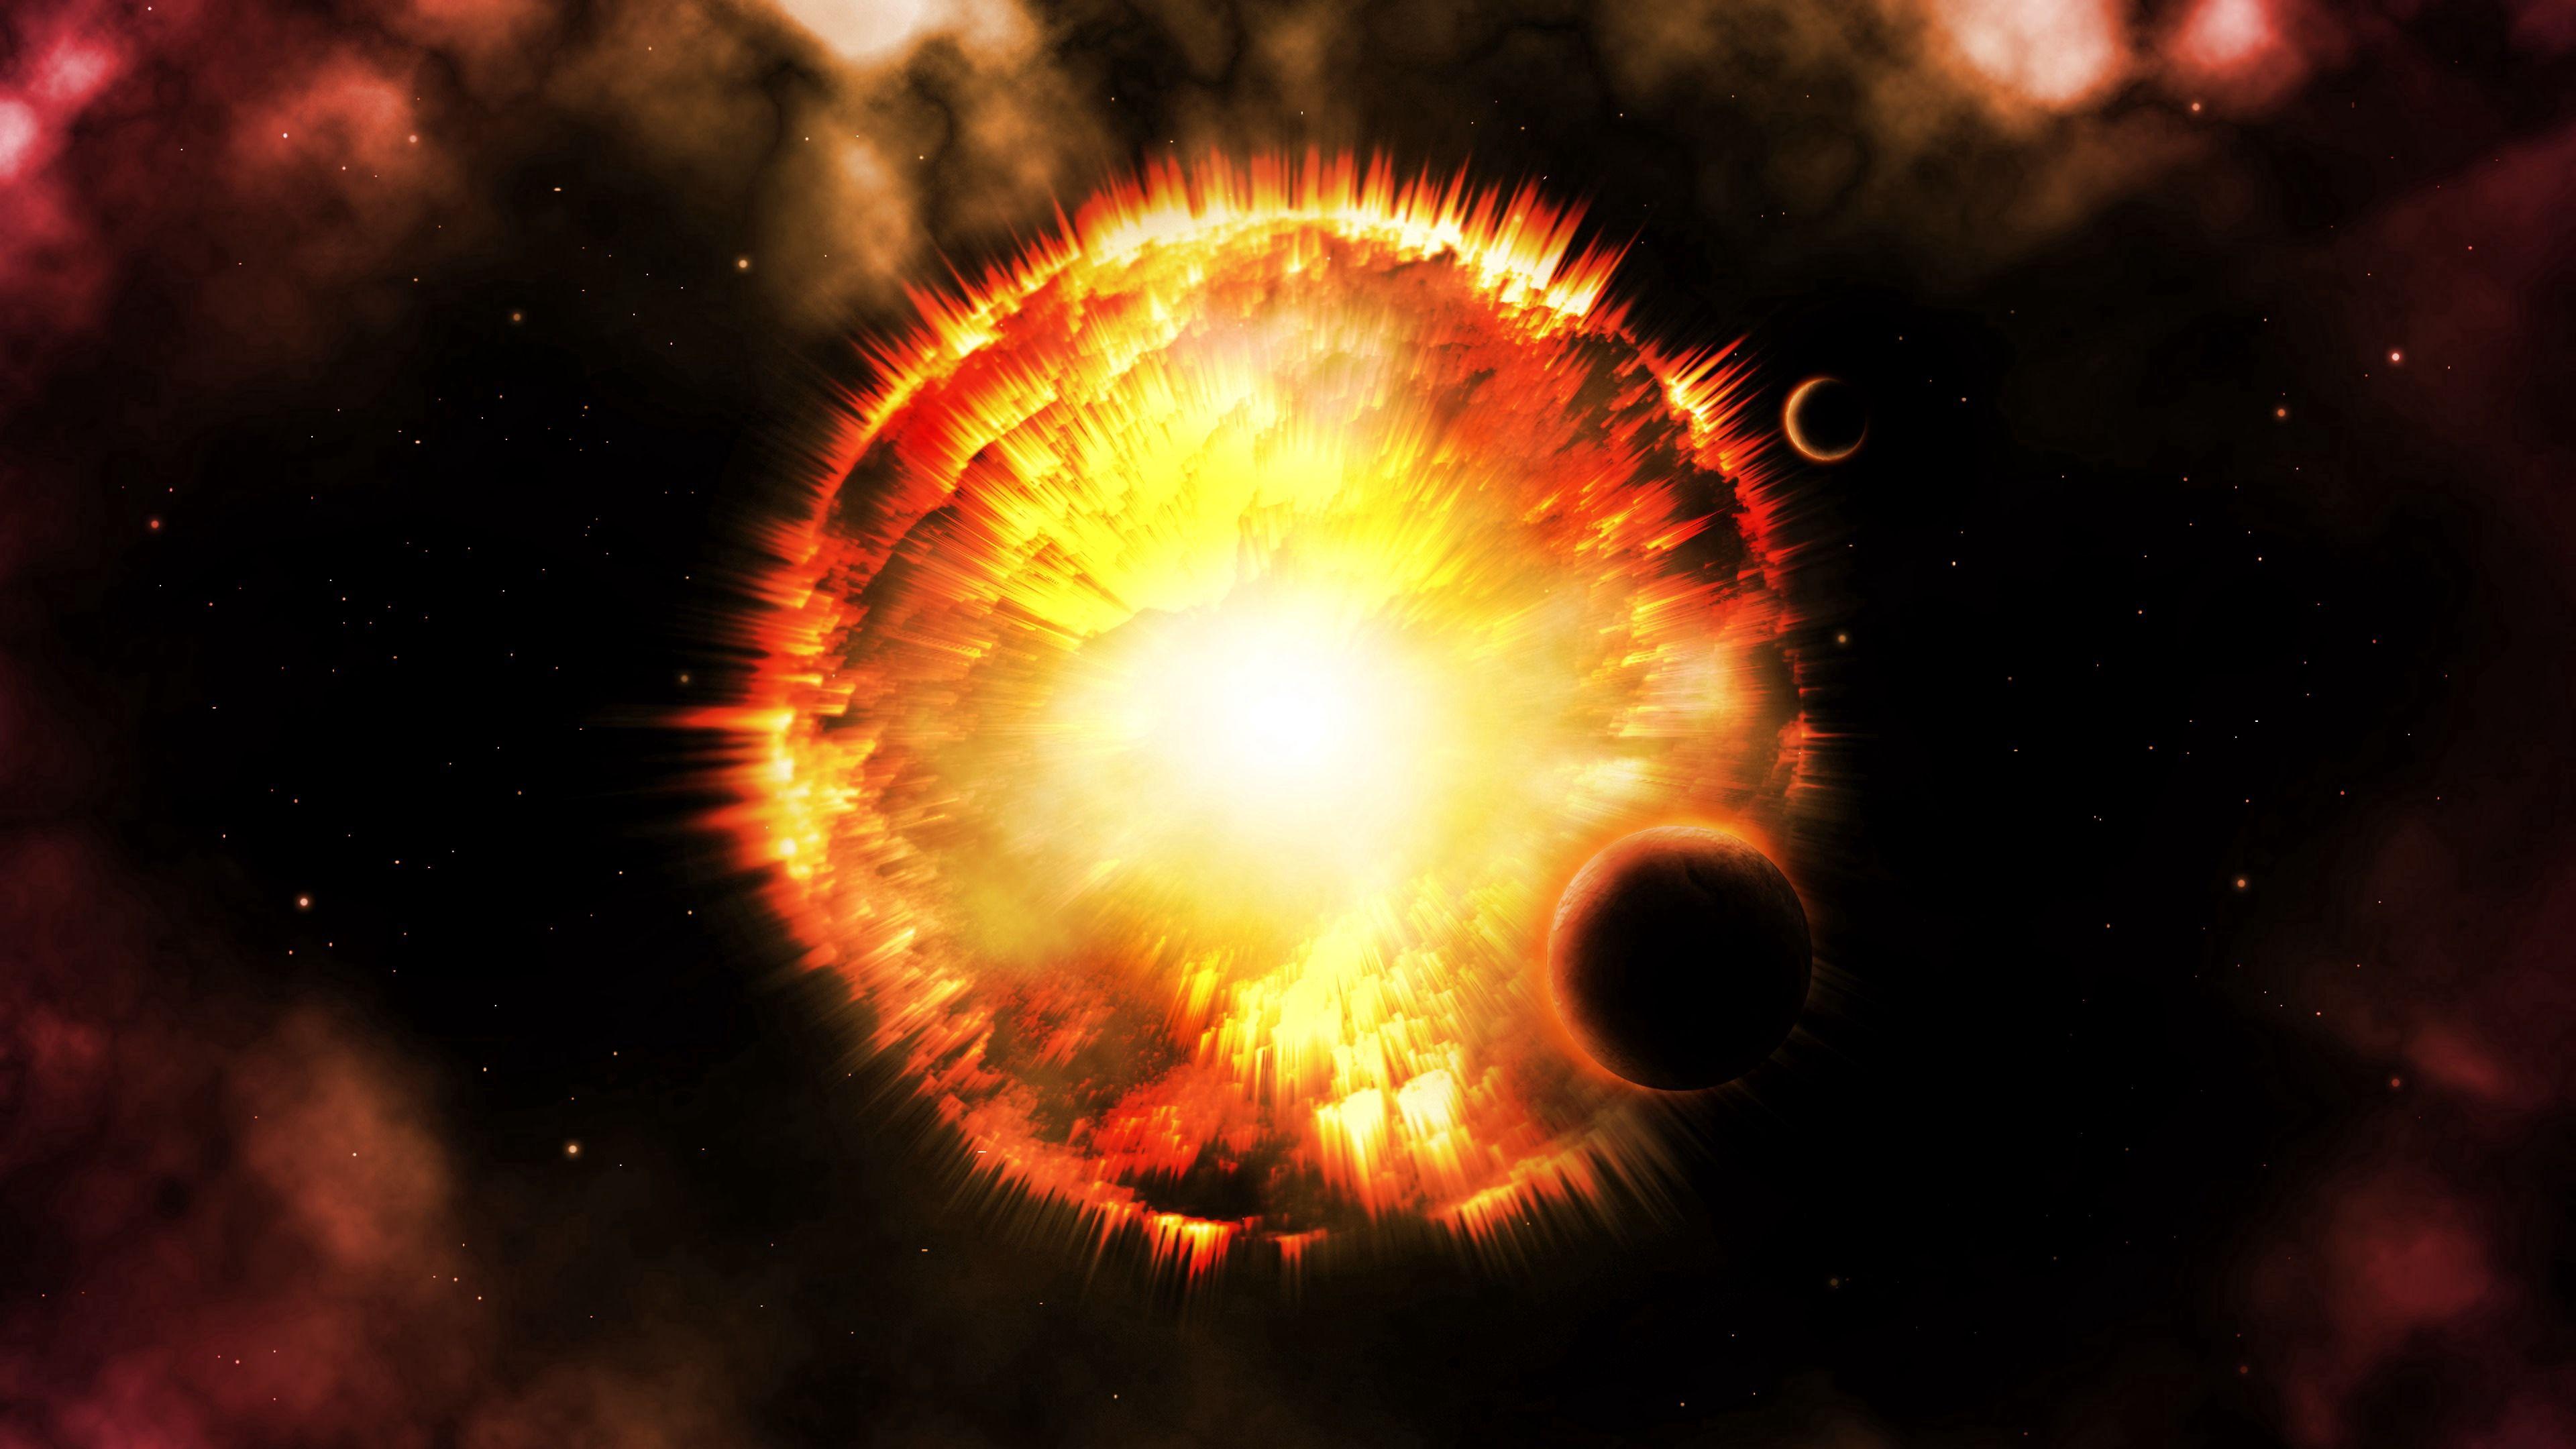 83948 免費下載壁紙 抽象, 闪光, 闪光灯, 明亮的, 明亮, 辉光, 发光, 星星, 星形, 宇宙, 行星 屏保和圖片